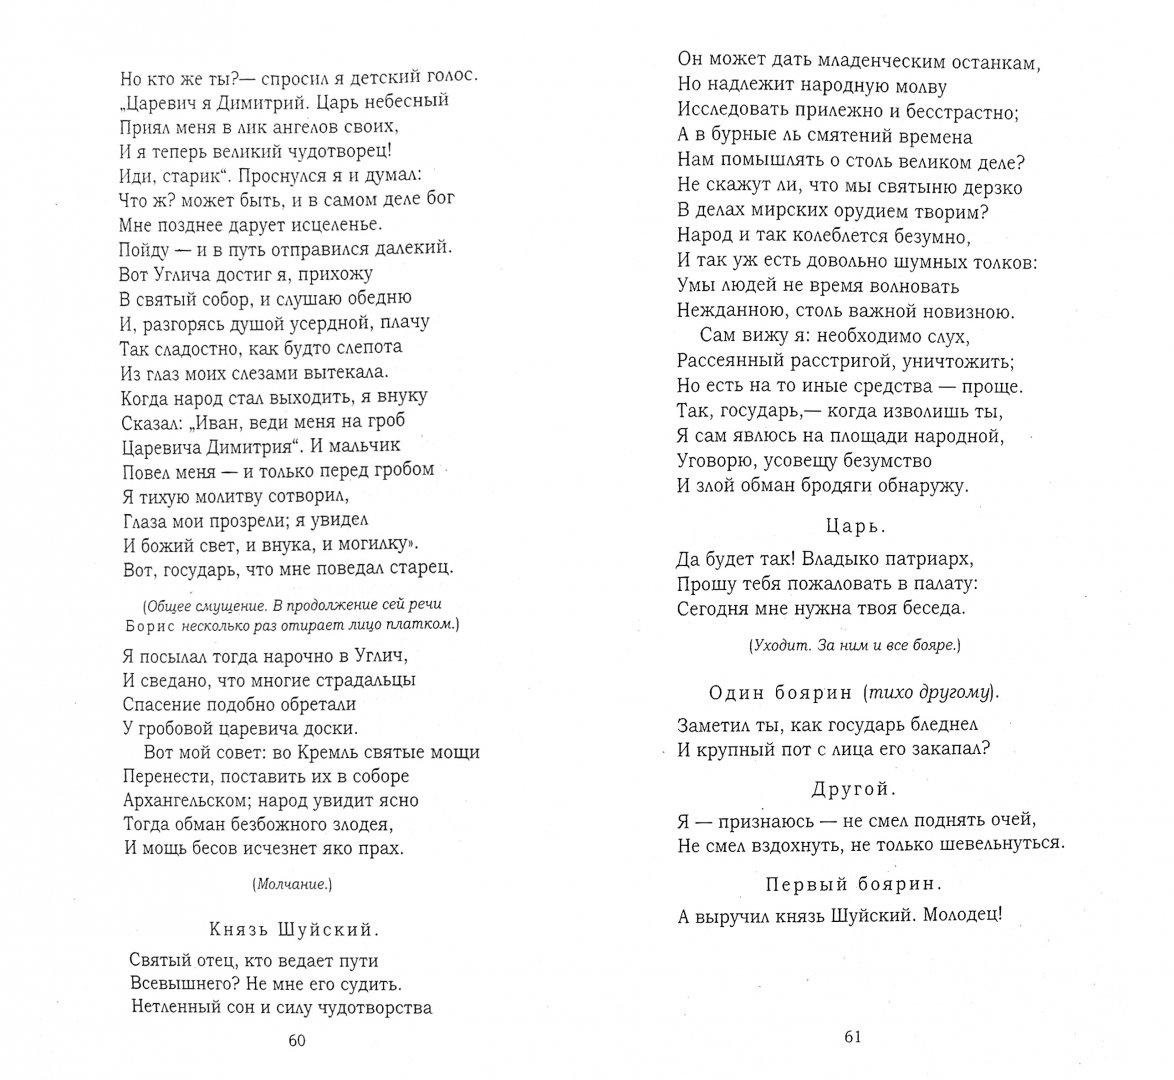 Иллюстрация 1 из 26 для Борис Годунов. Маленькие трагедии - Александр Пушкин | Лабиринт - книги. Источник: Лабиринт